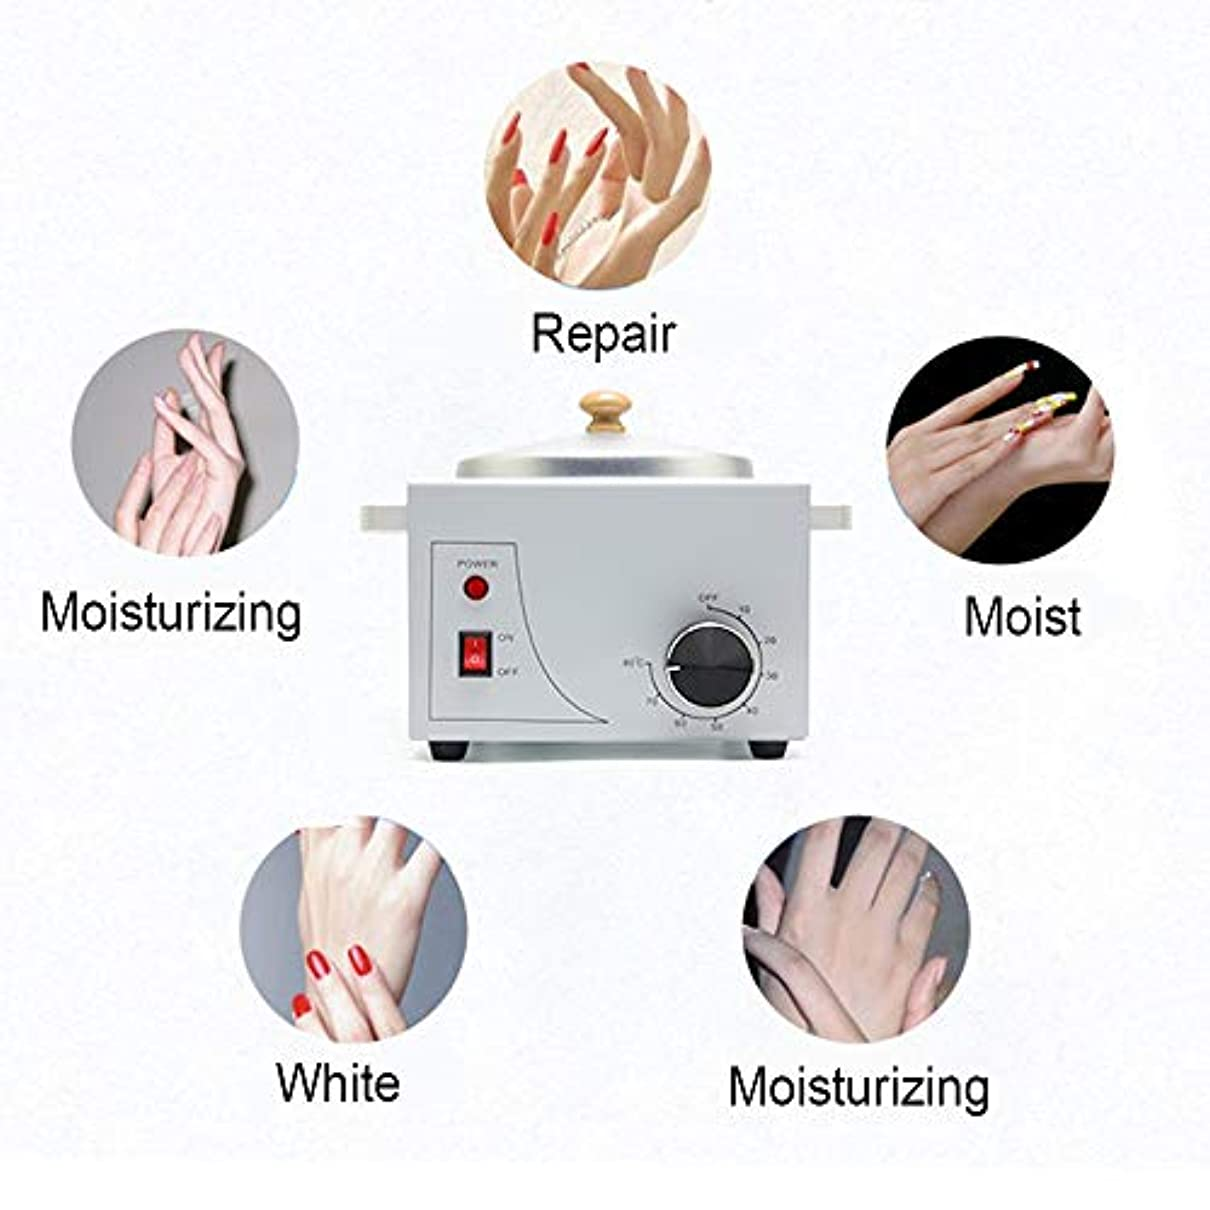 祈る損なう作る携帯用電気ホットワックスウォーマーマシン可変温度での脱毛、プロフェッショナルシングルポット電気ワックスウォーマーマシンの